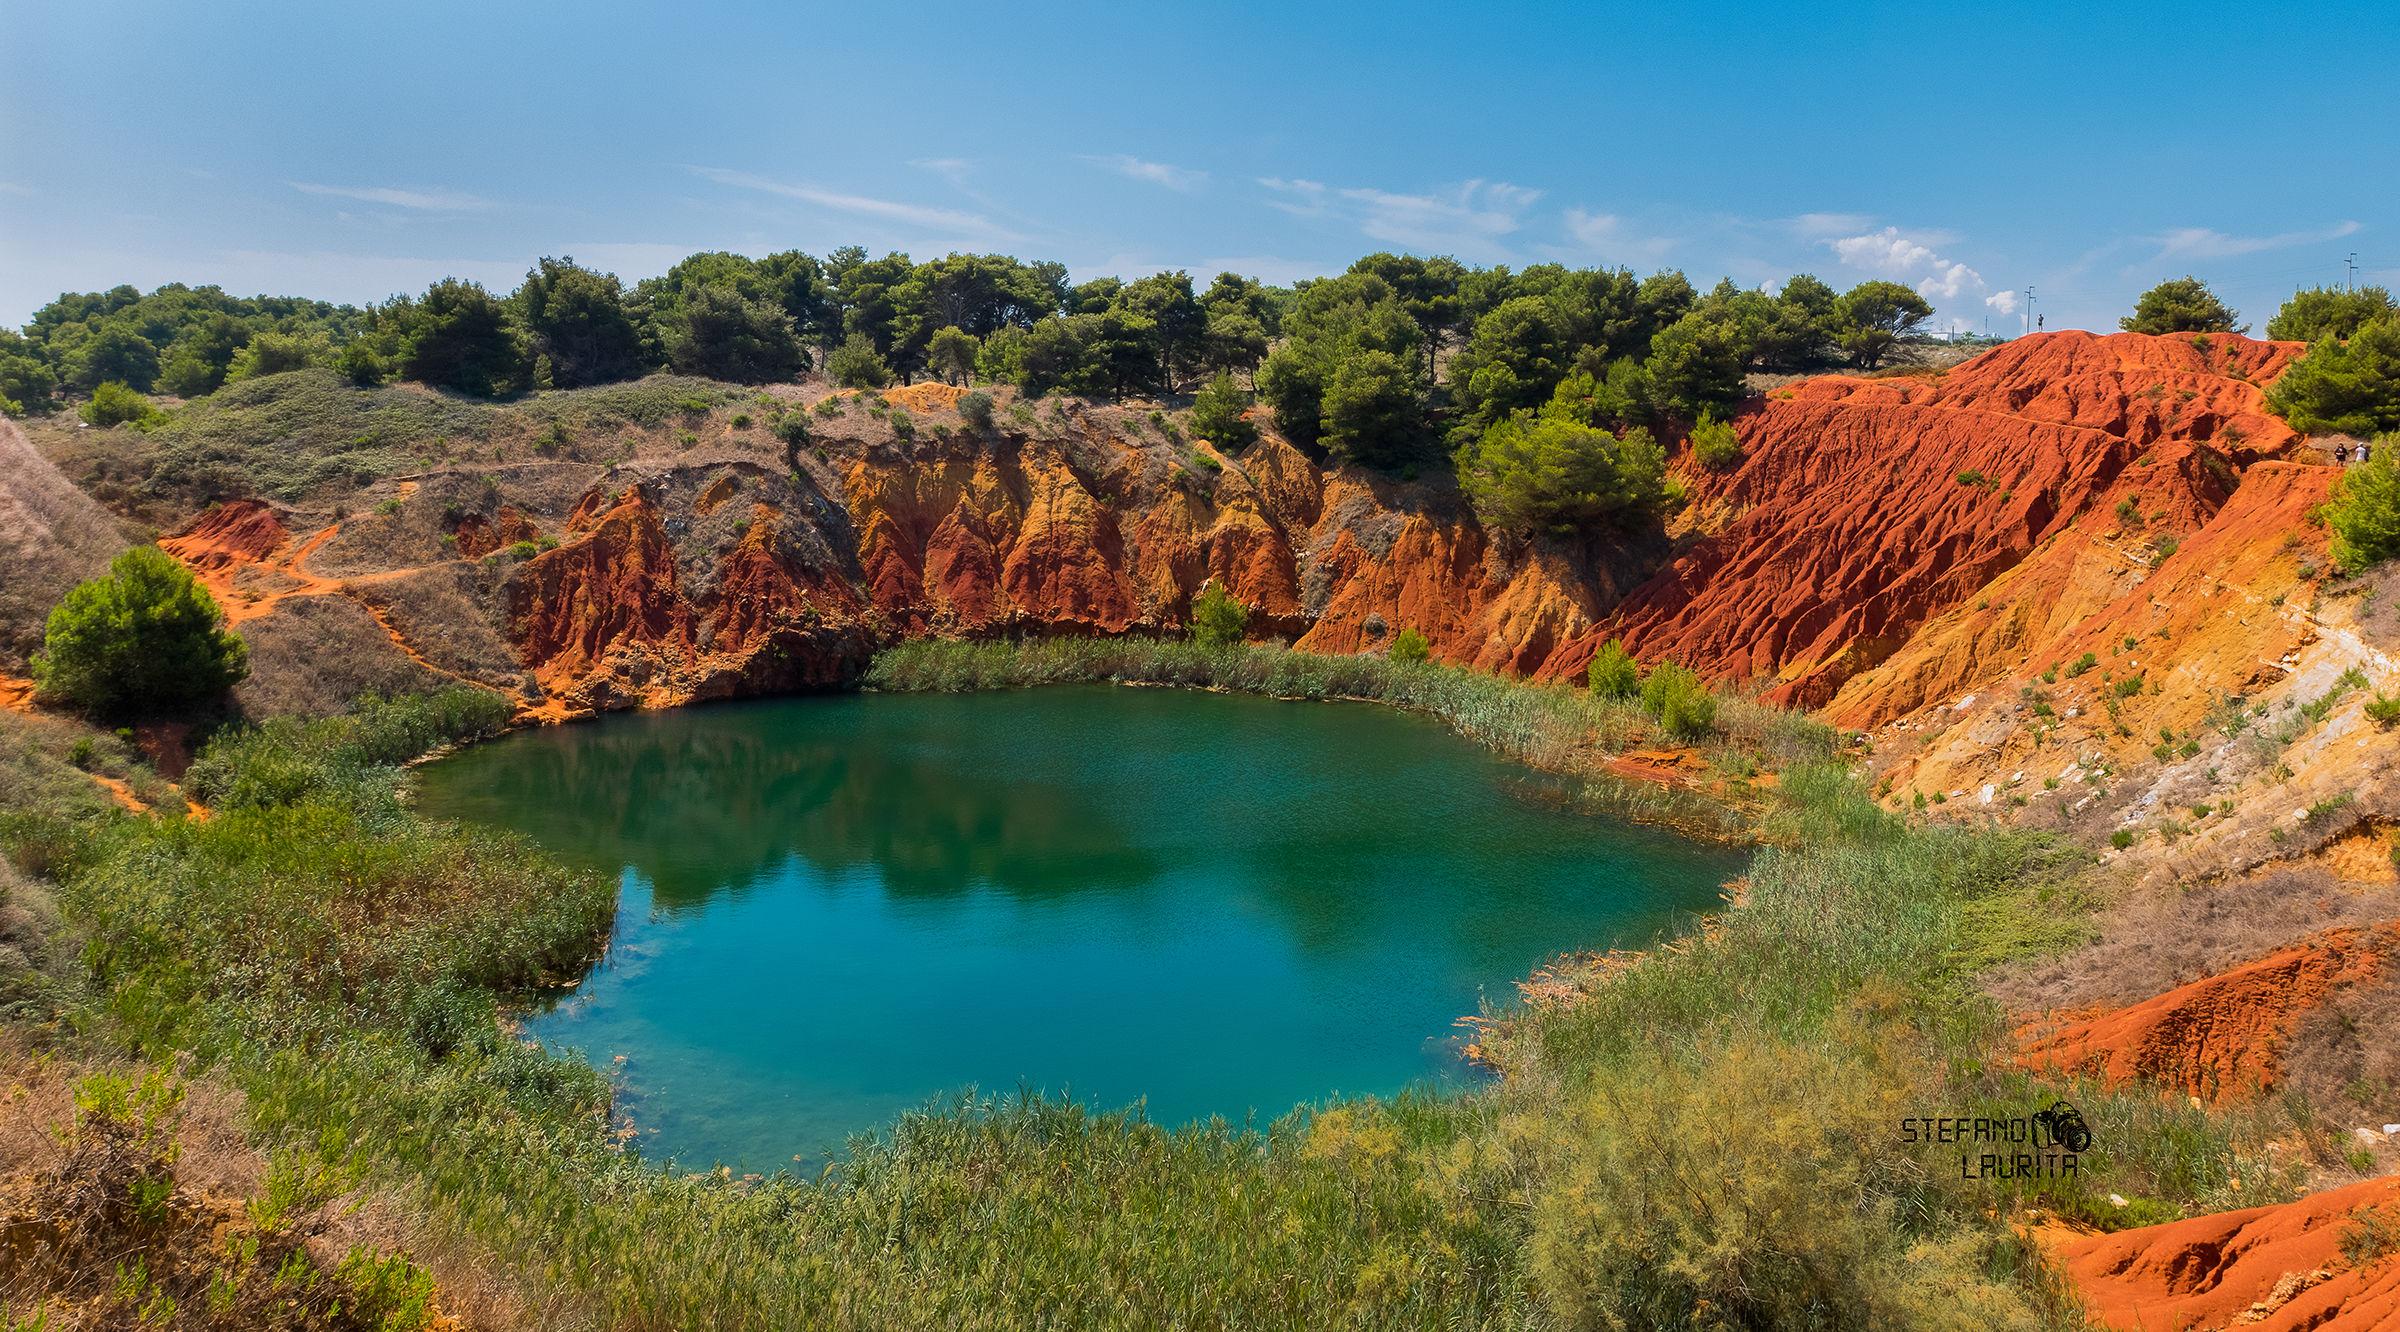 Former Quarry pond of bauxite...